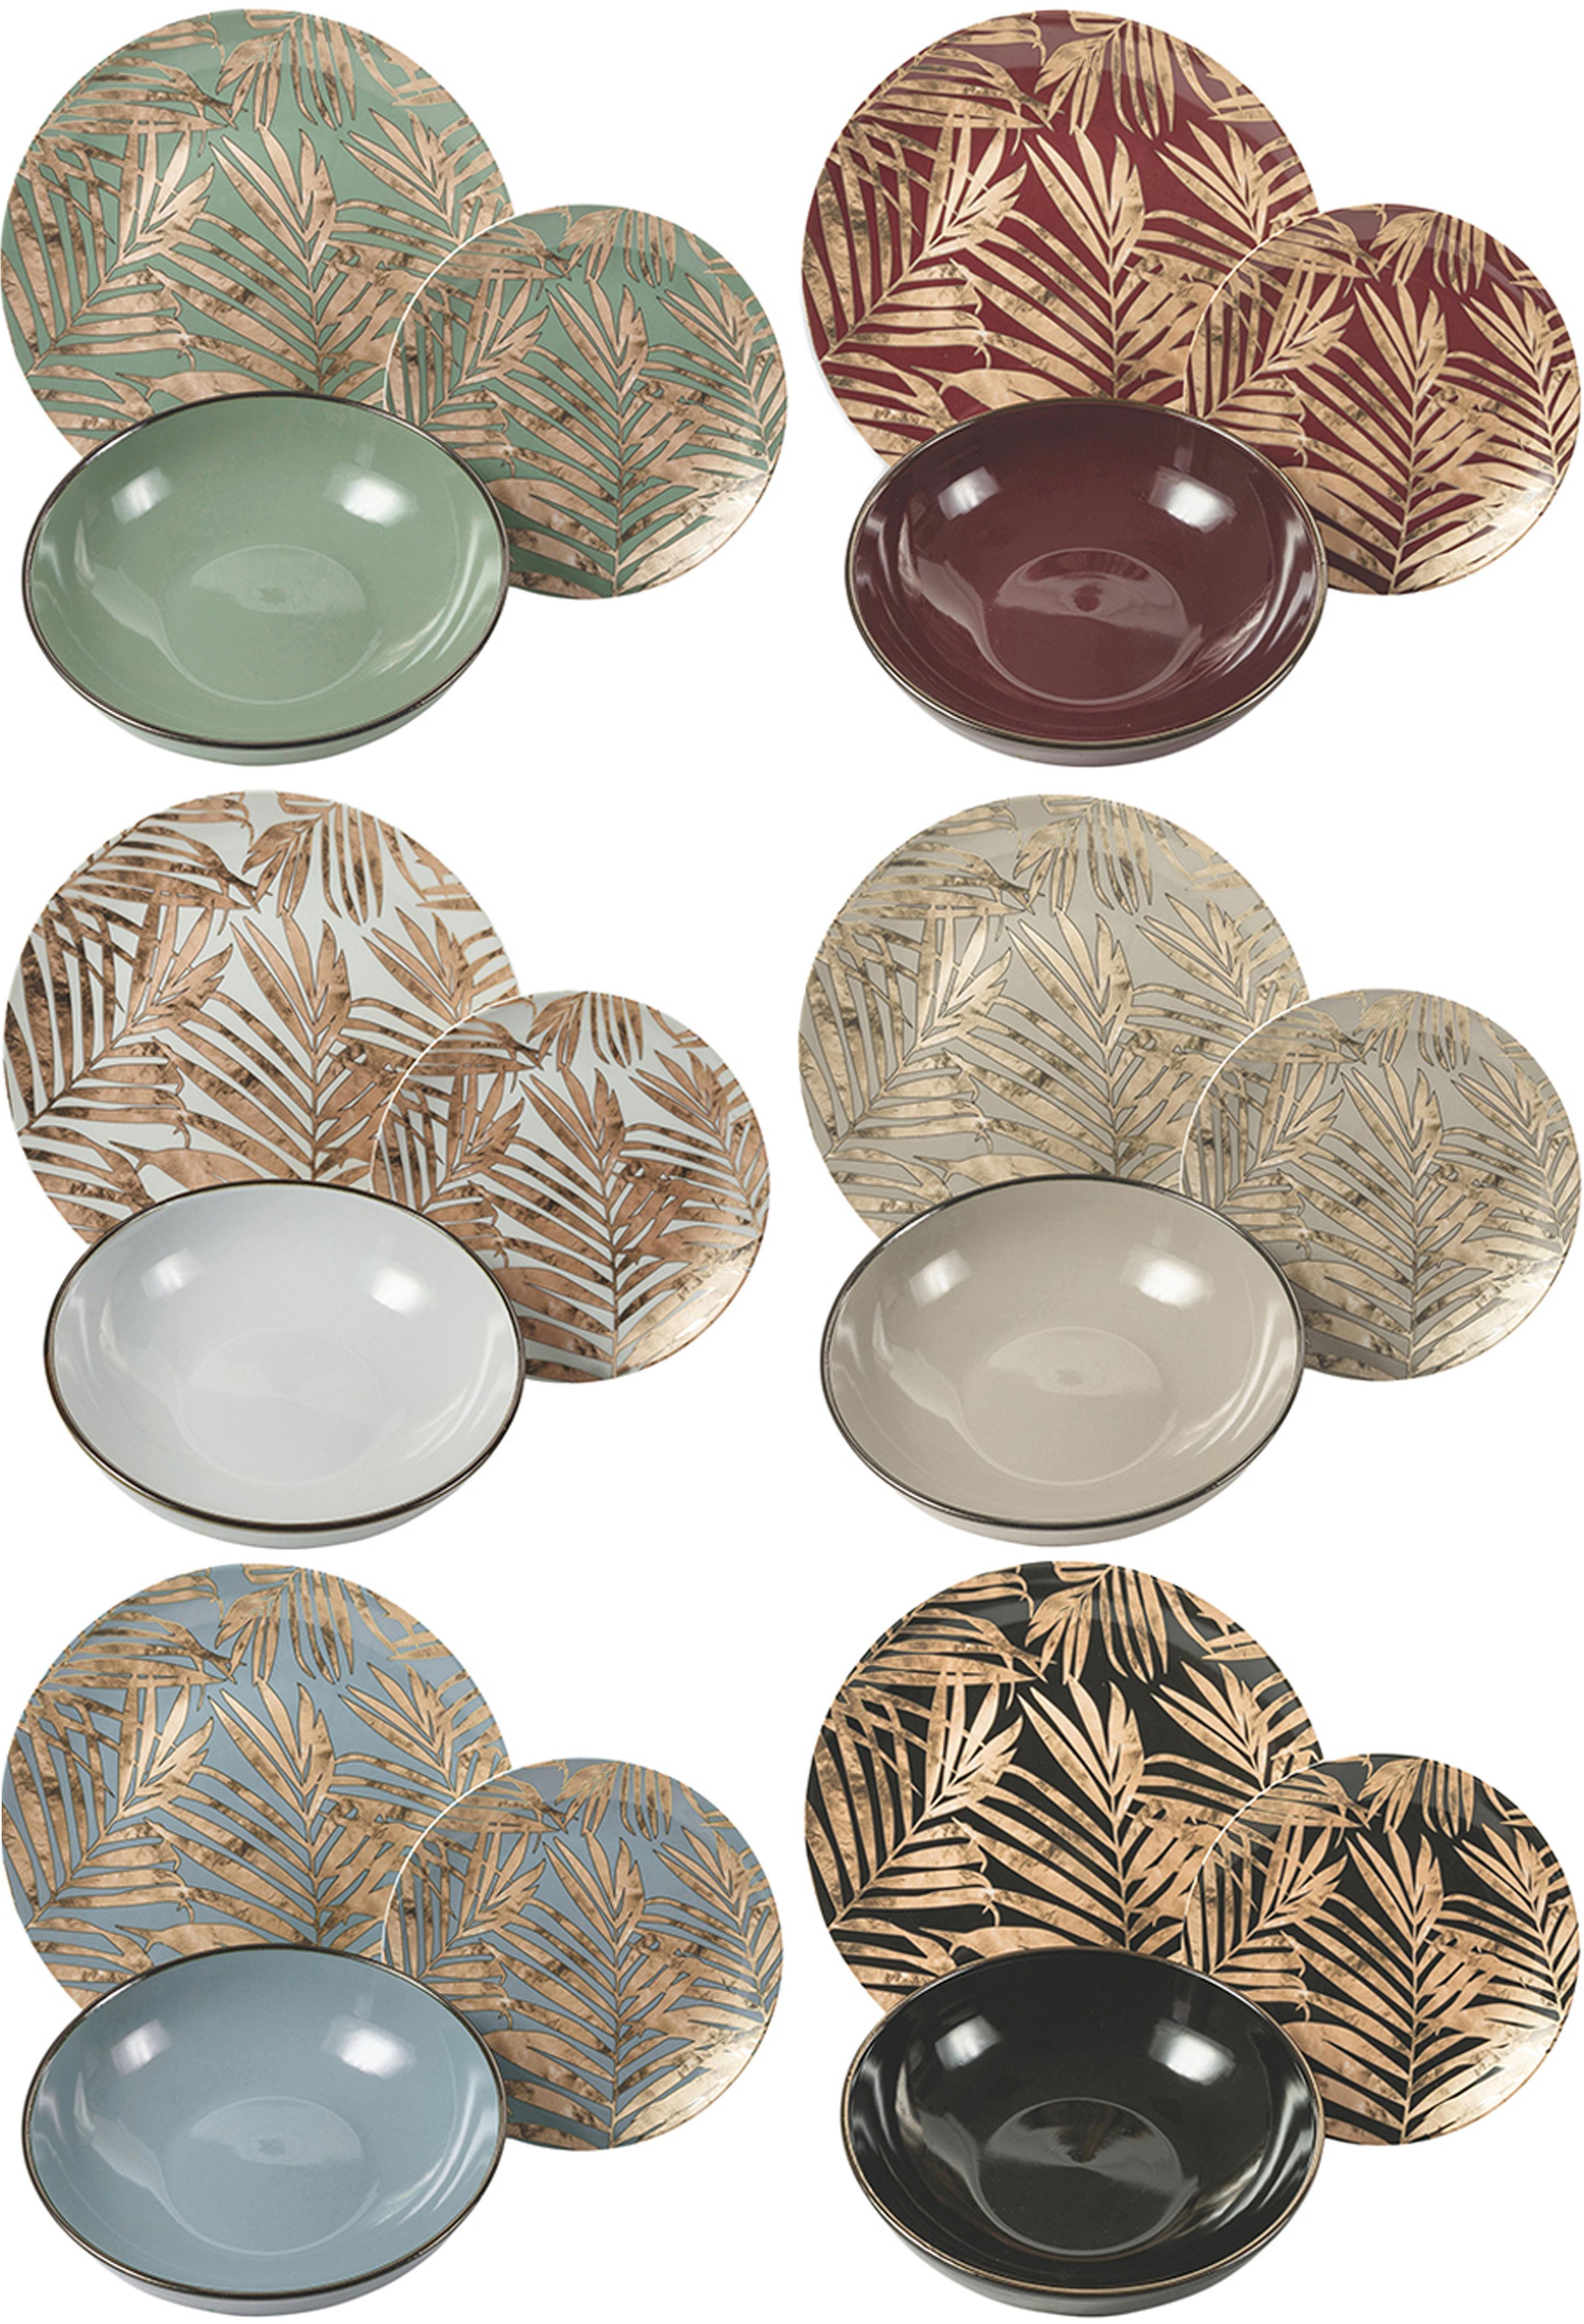 Vajilla Forest Chic, 6comensales (18pzas.), Multicolor, Set de diferentes tamaños